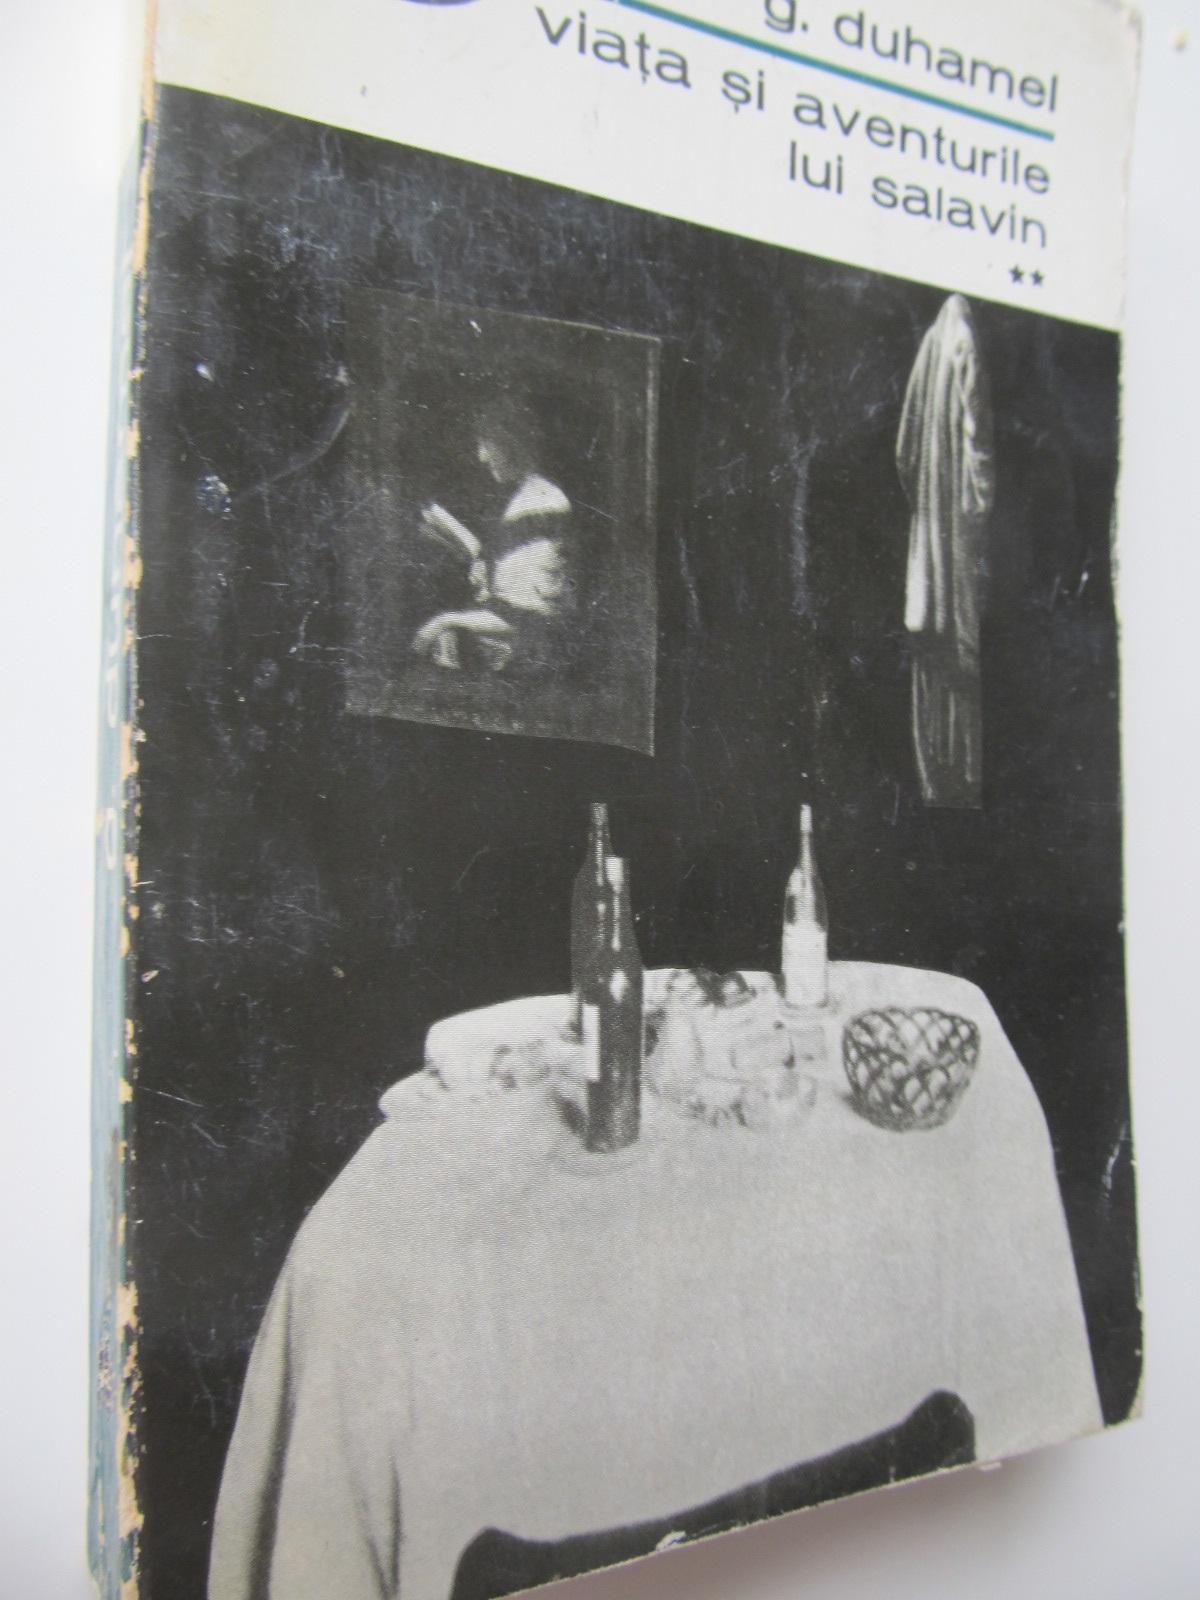 Viata si aventurile lui Salavin (vol. 2) - G. Duhamel | Detalii carte